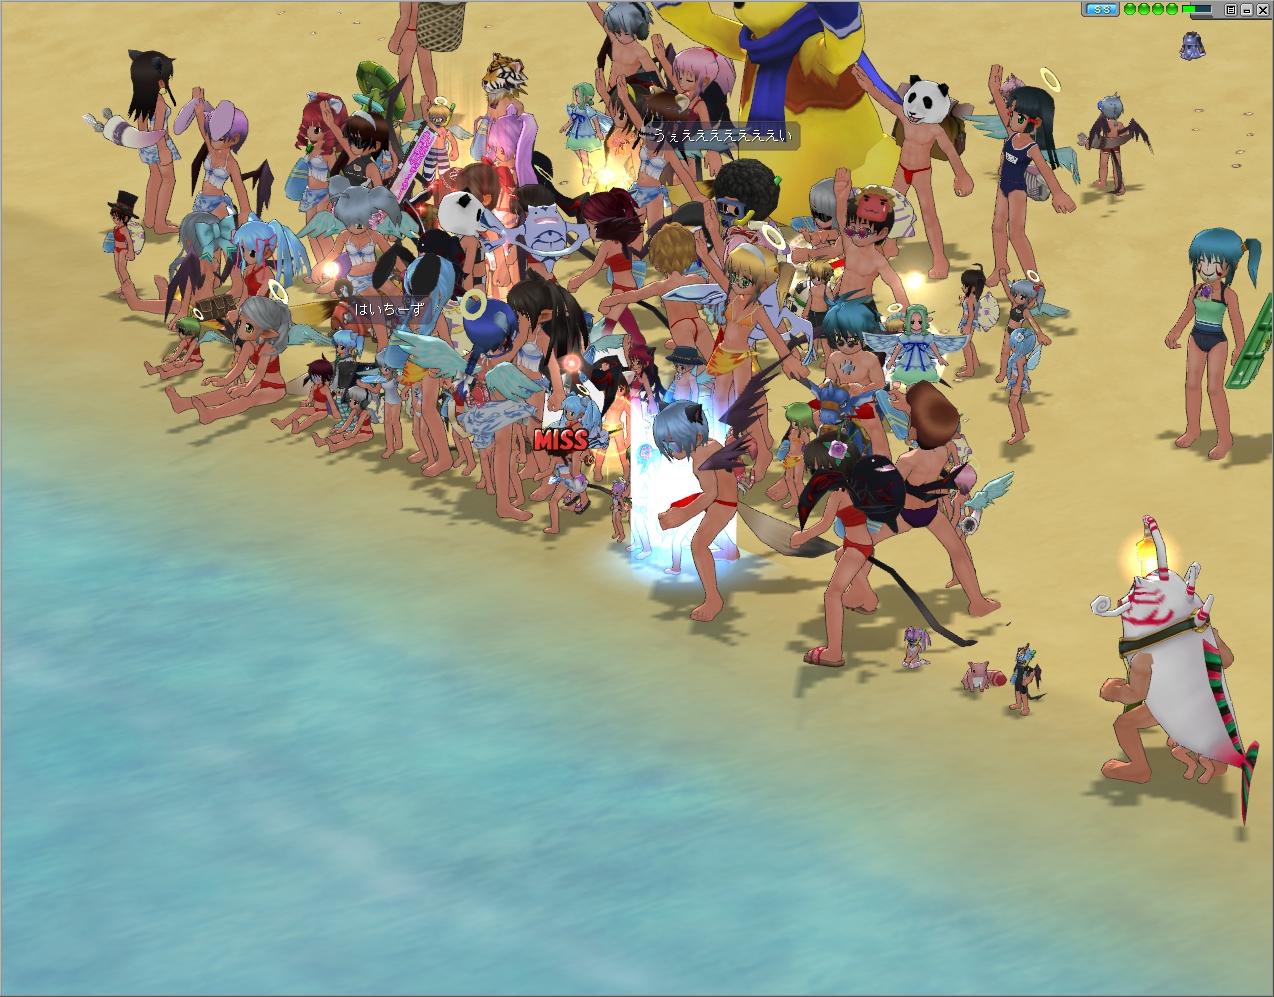 海辺で楽しい集まり